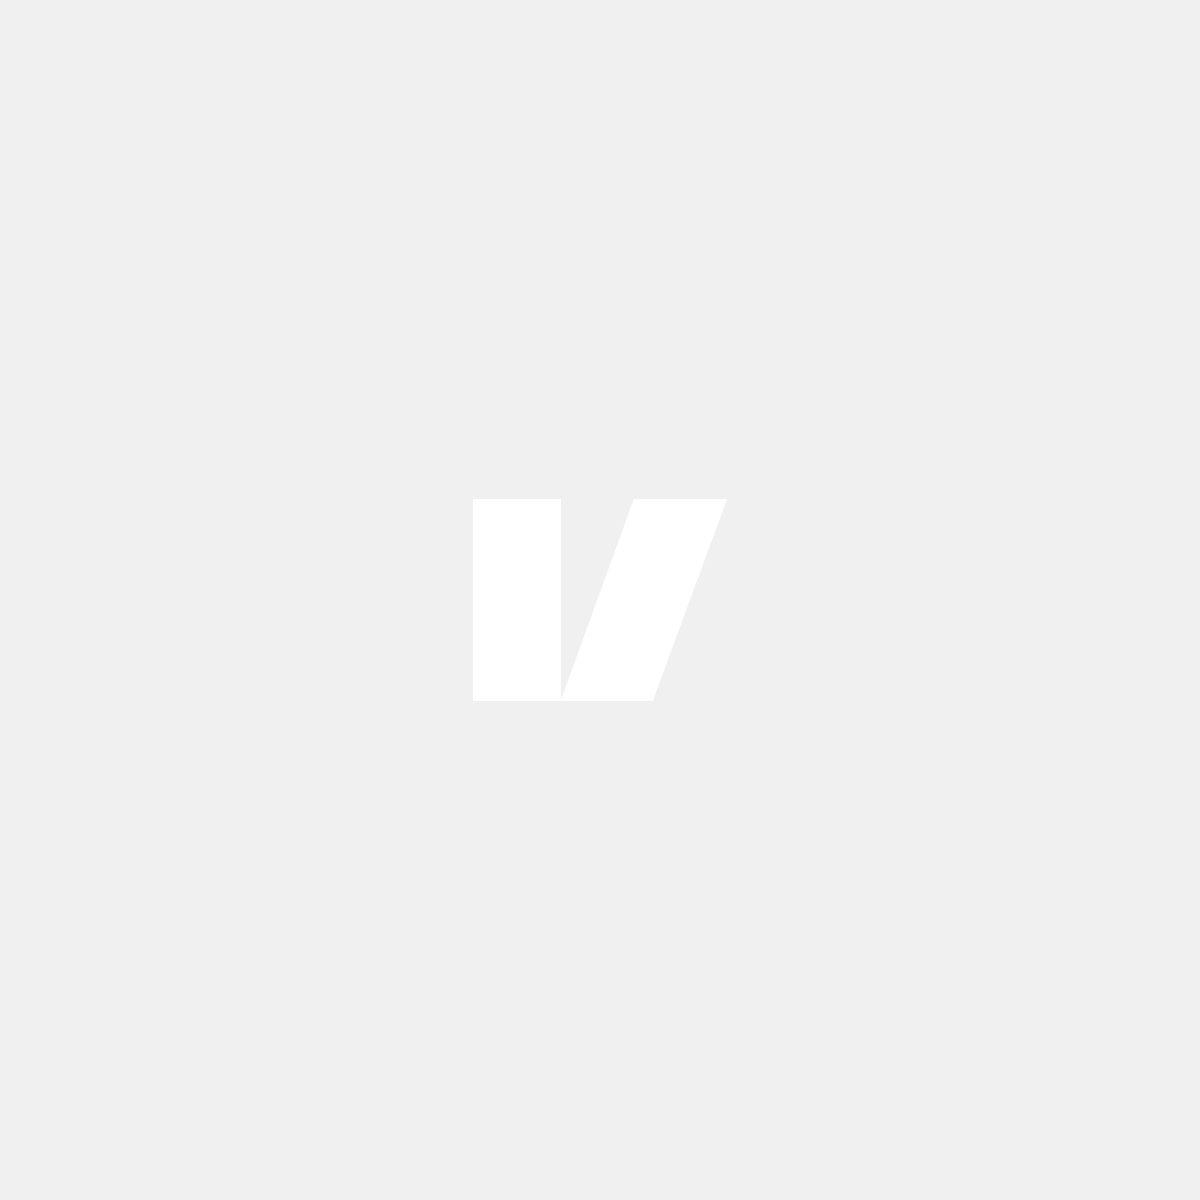 Tomgångsstabilisator / tomgångsventil till Volvo S40, V40, 01-04